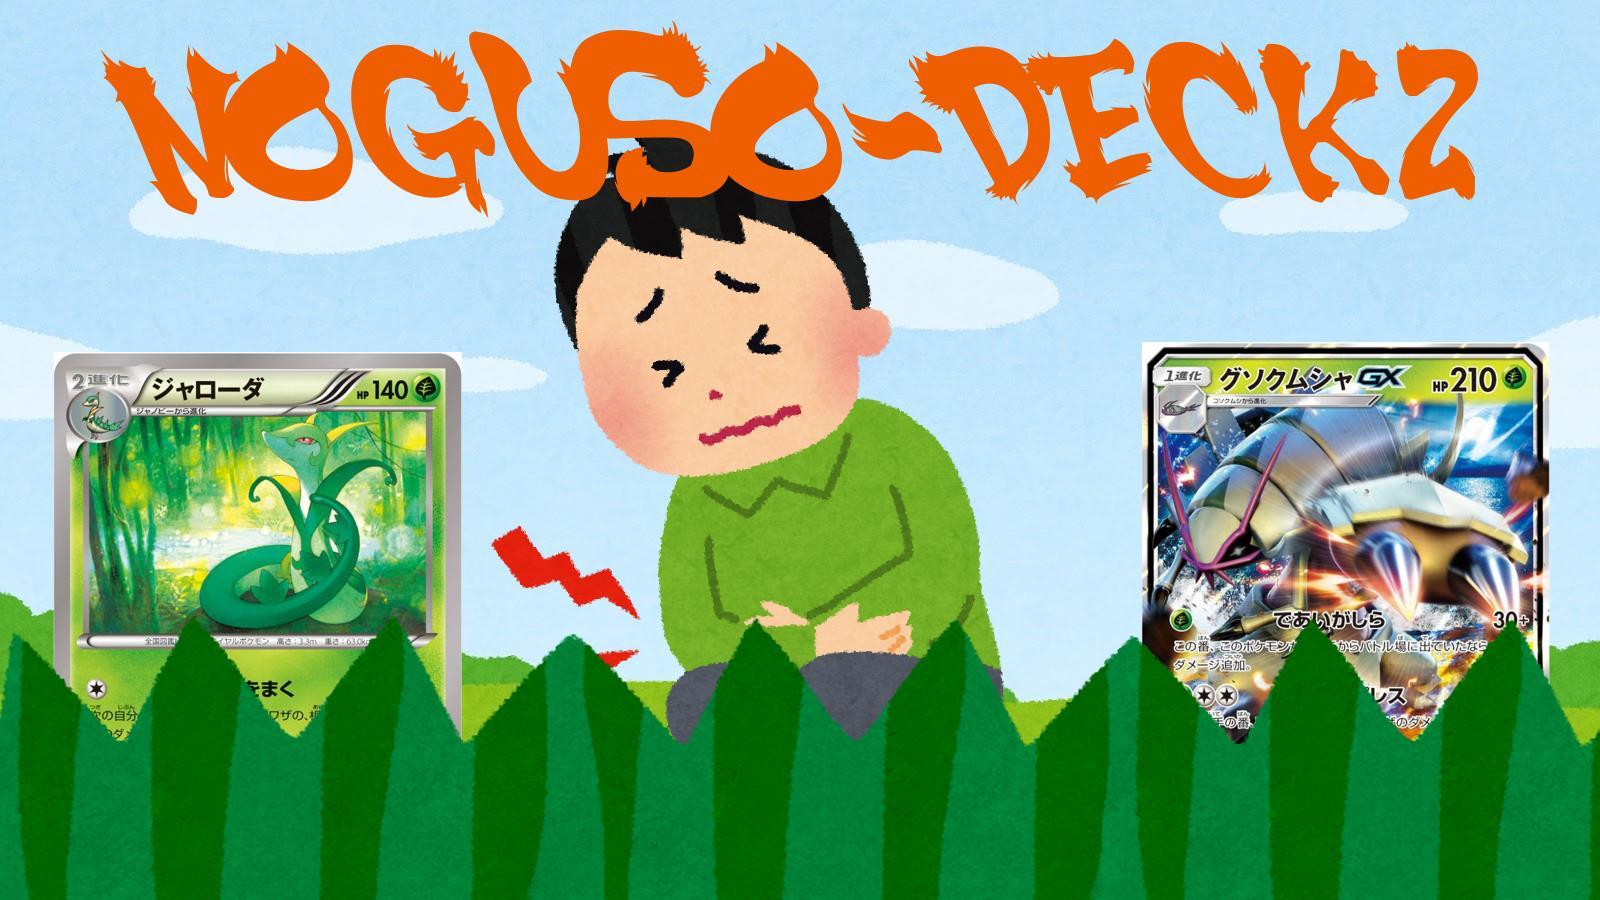 ポケモンカードsm】noguso-deck2 | appdate